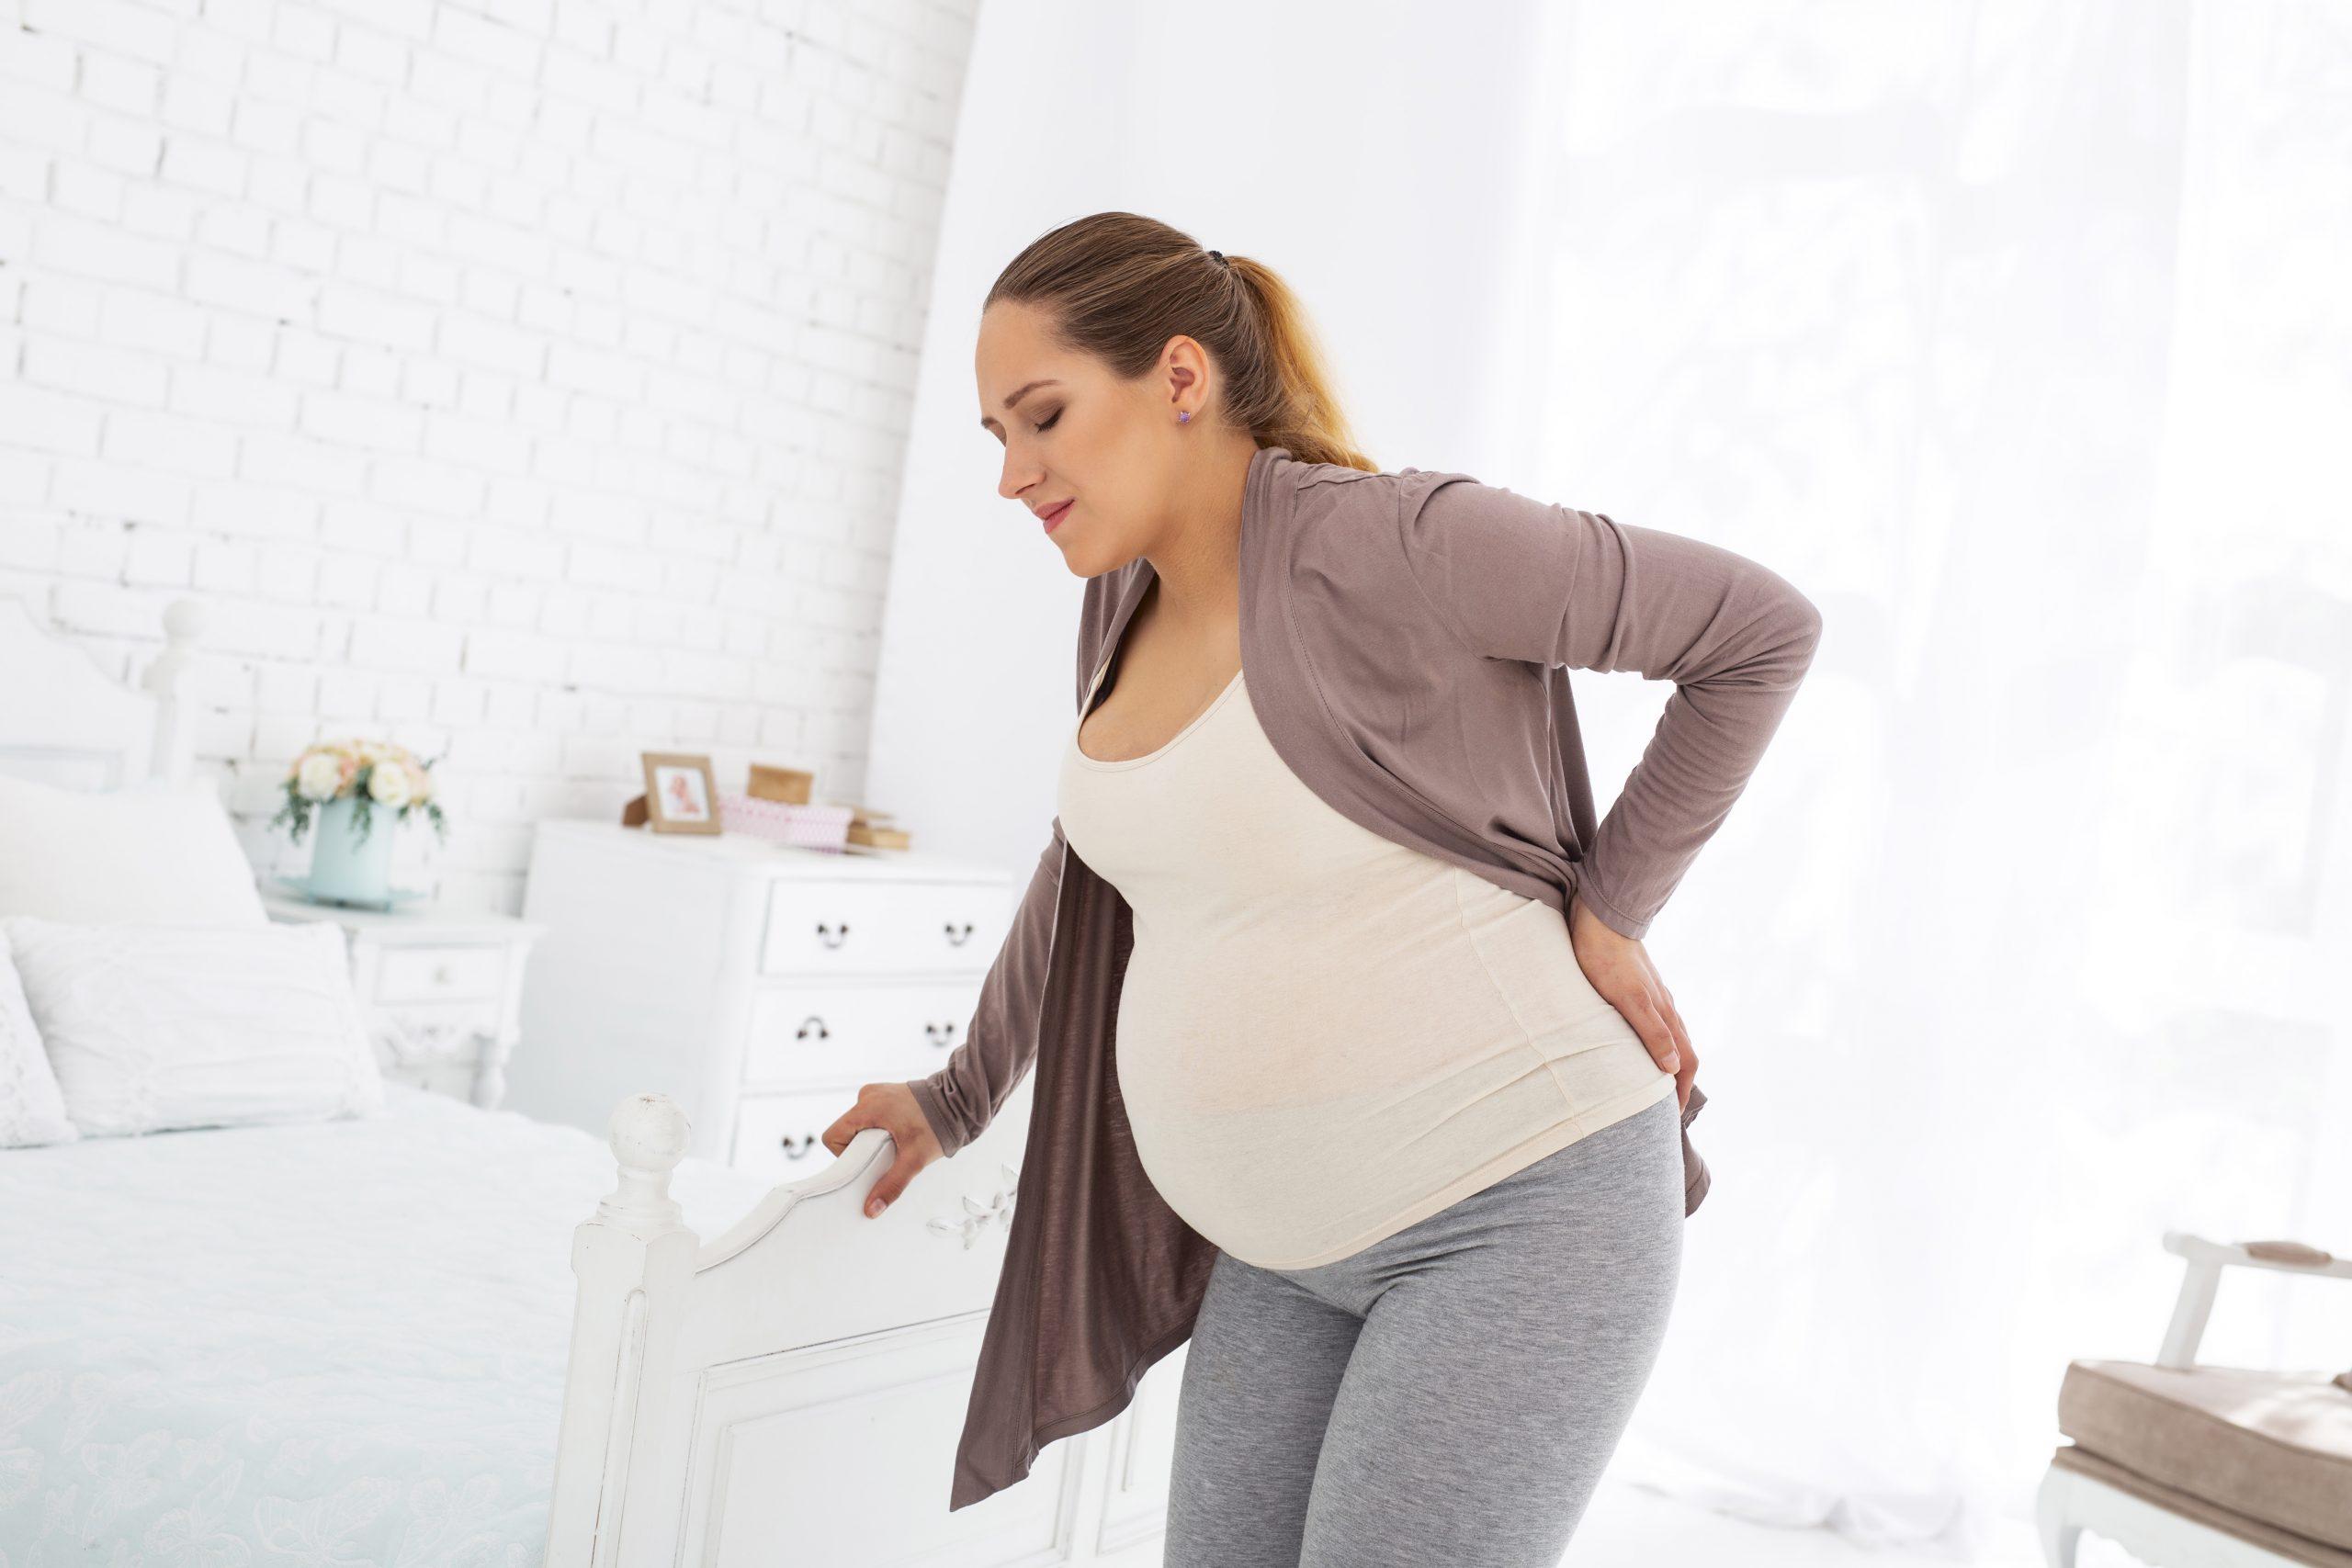 Болит поясница при беременности: как снизить нагрузку и не допустить осложнений